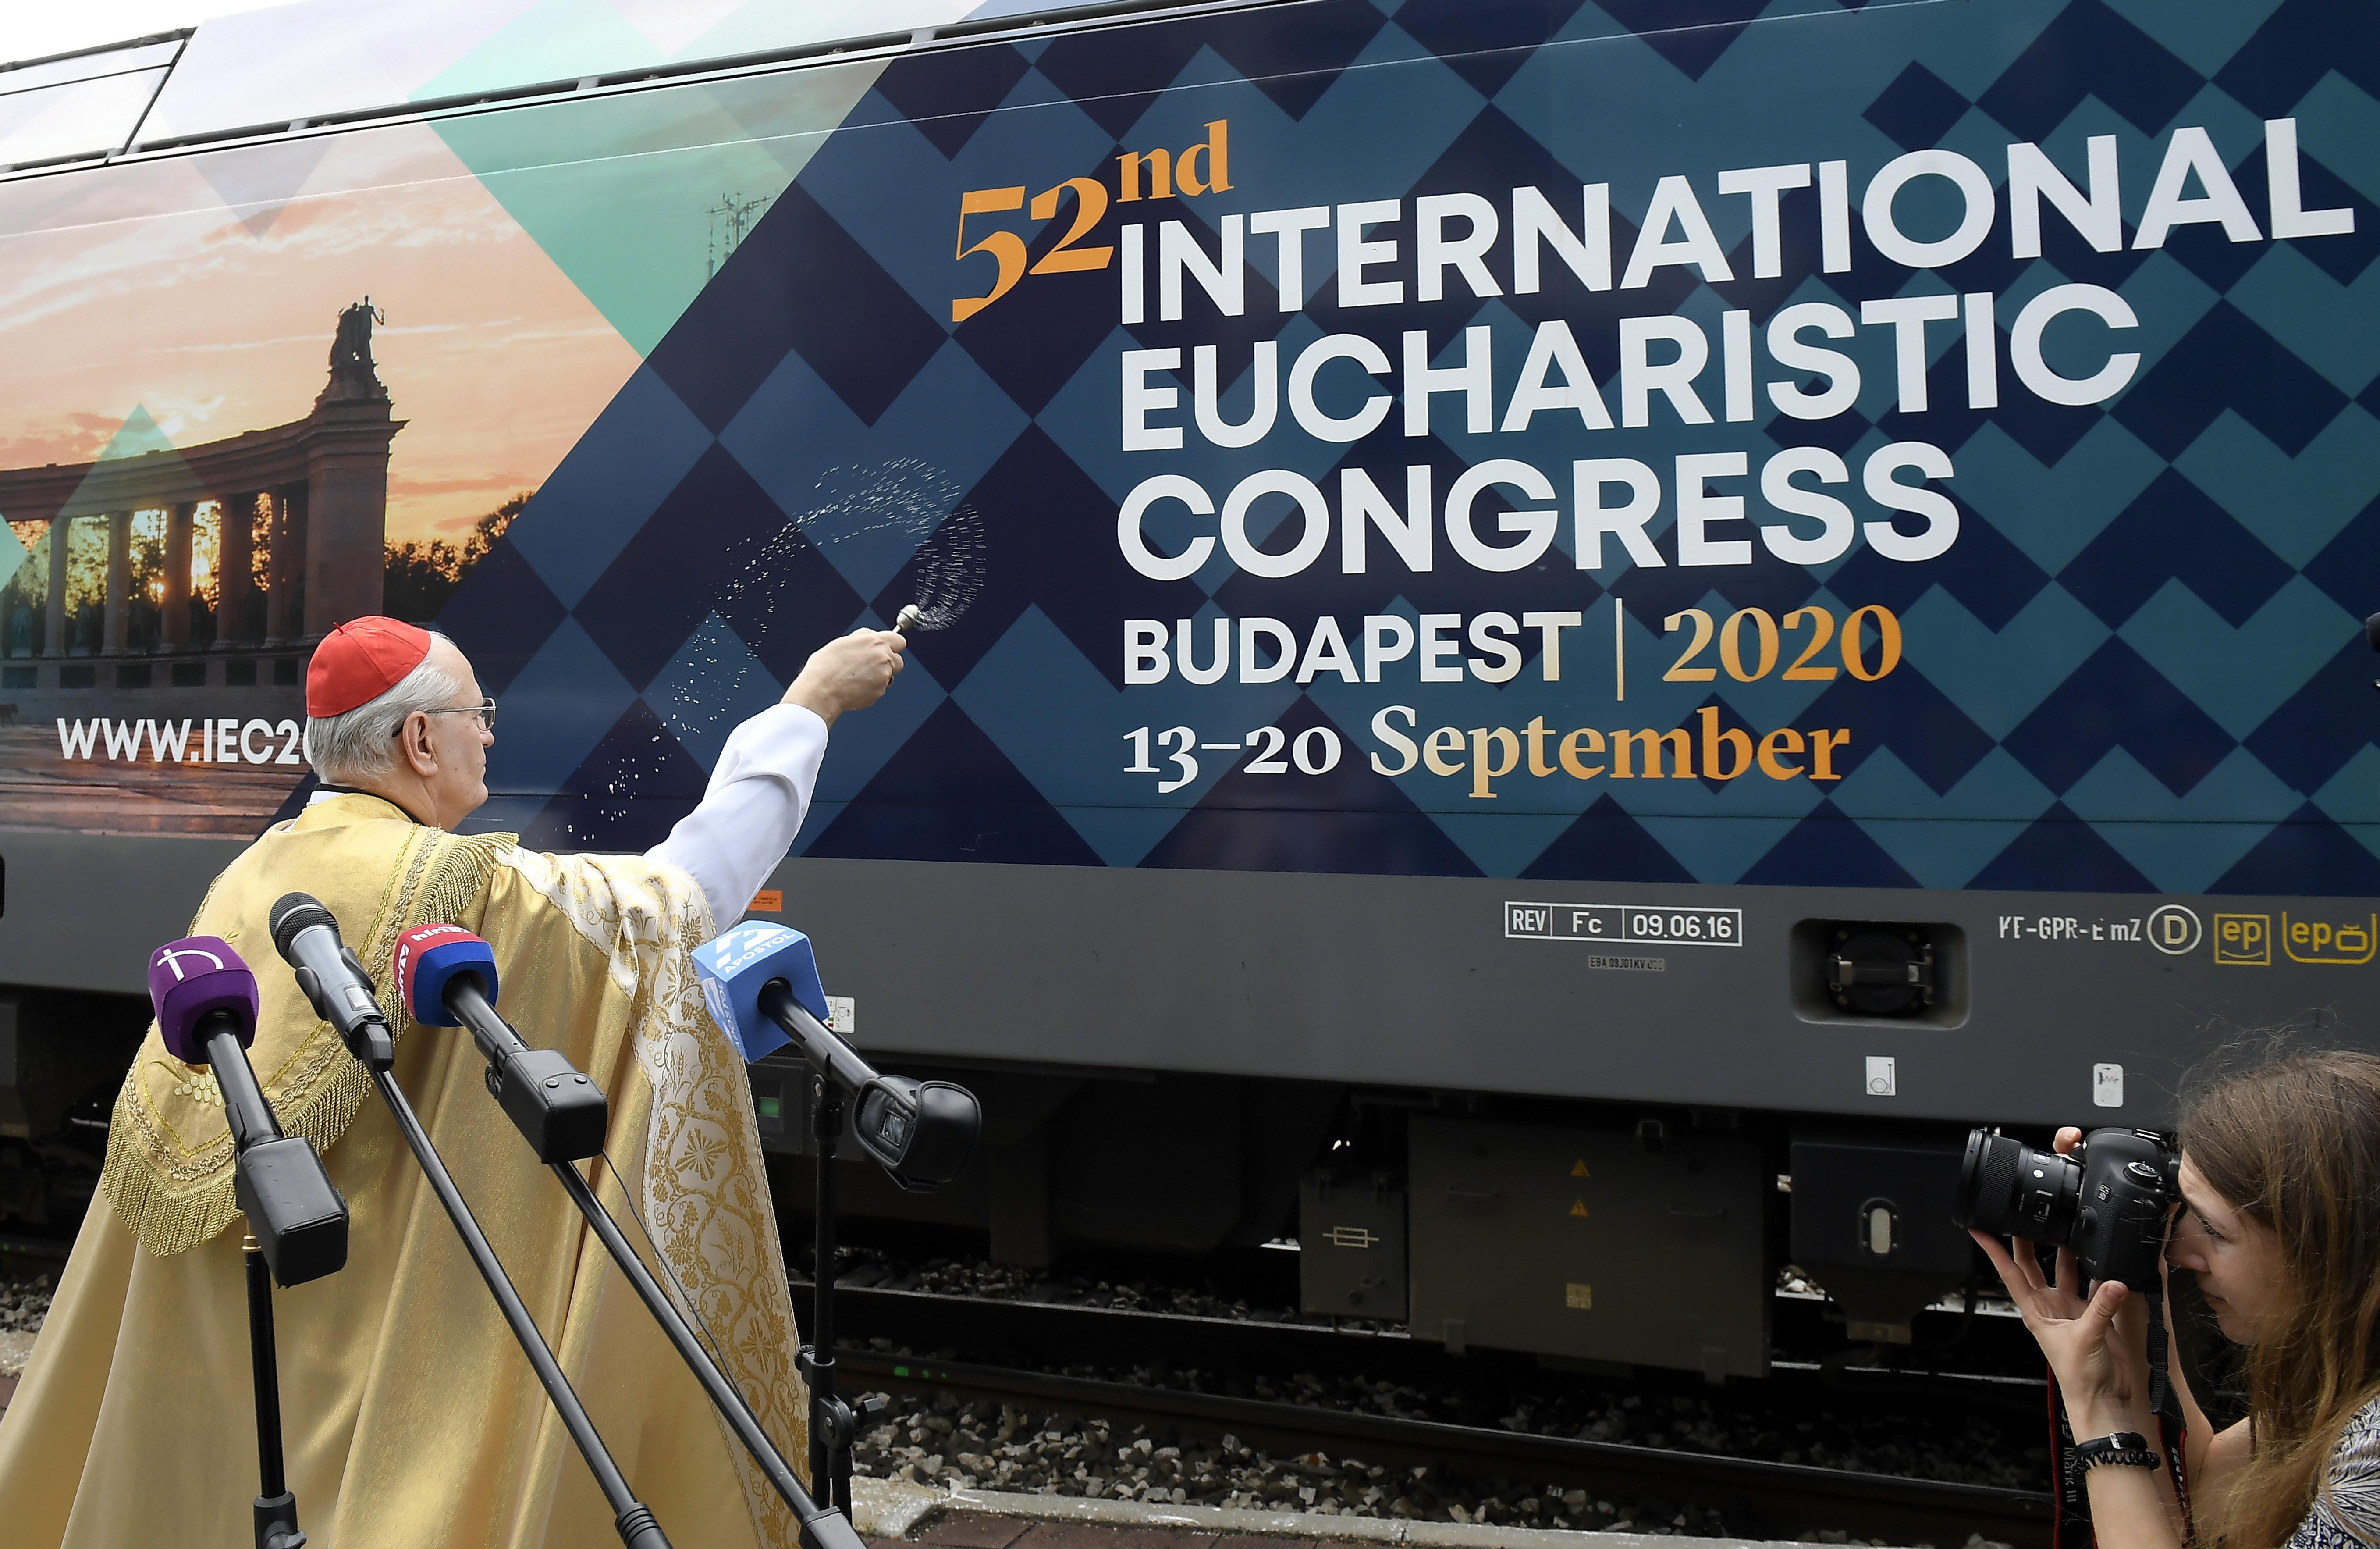 2021 szeptemberére halasztják a Nemzetközi Eucharisztikus Kongresszust